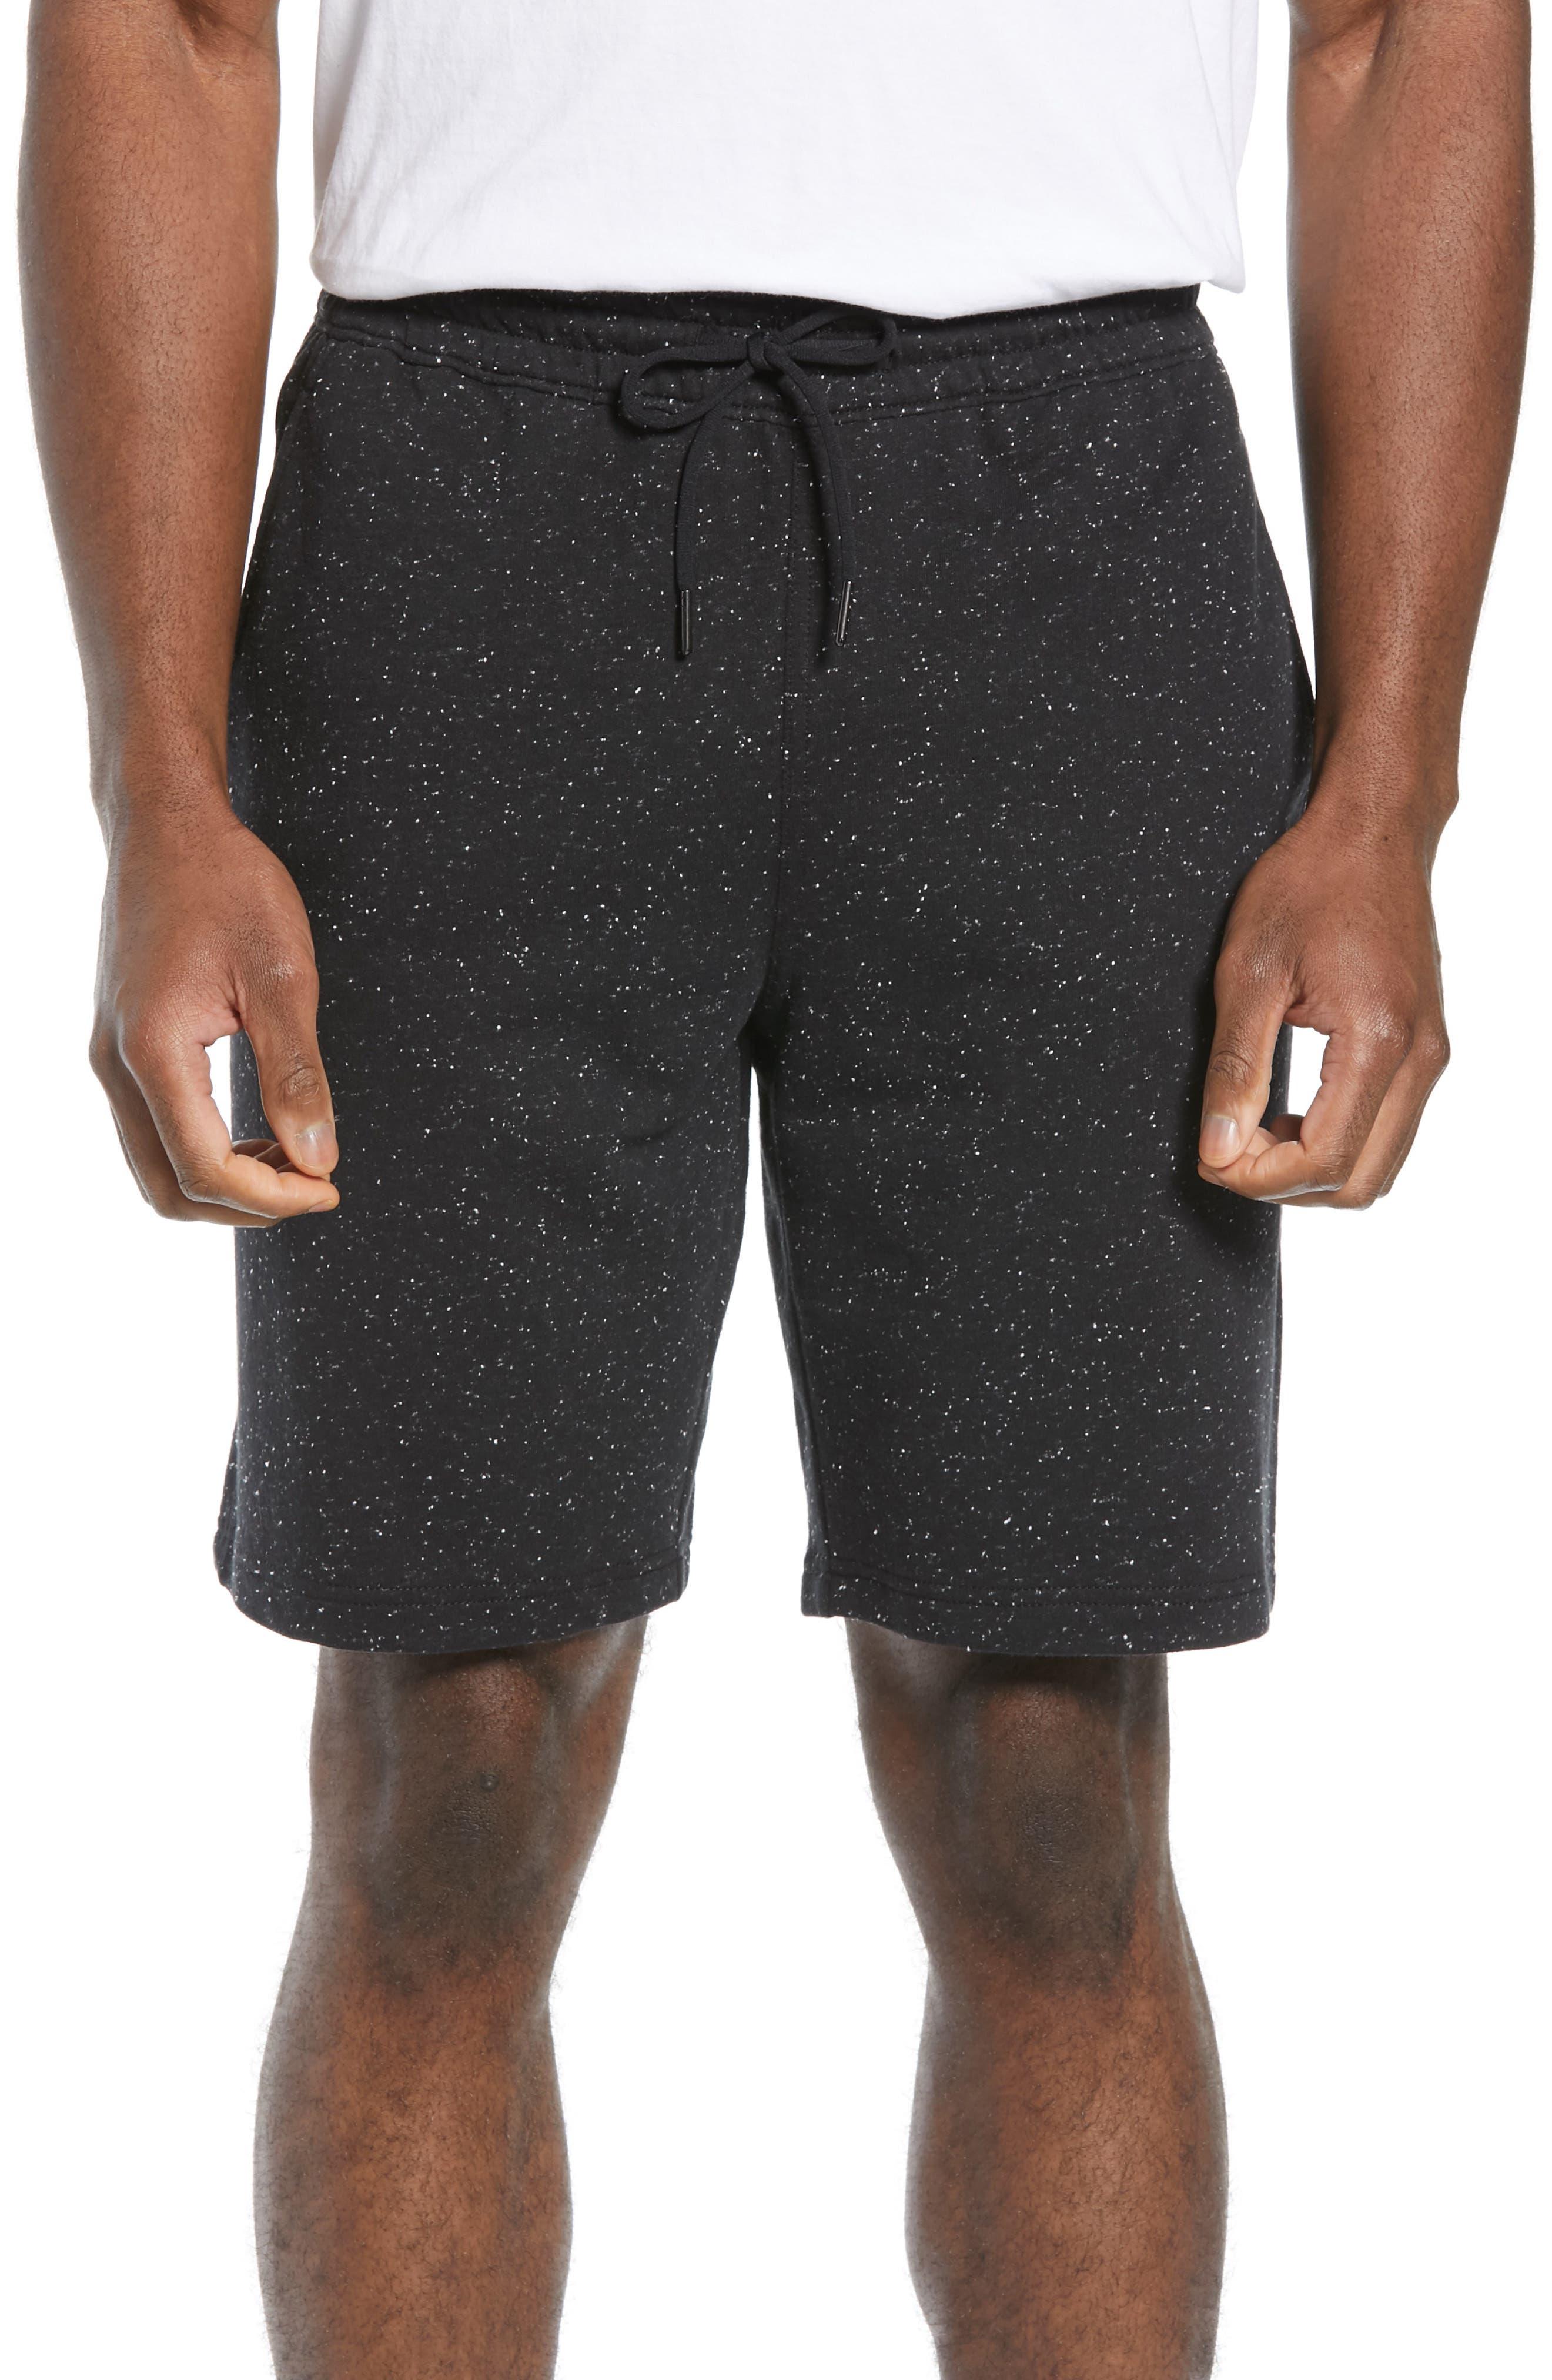 ZELLA Neppy Fleece Athletic Shorts, Main, color, 001